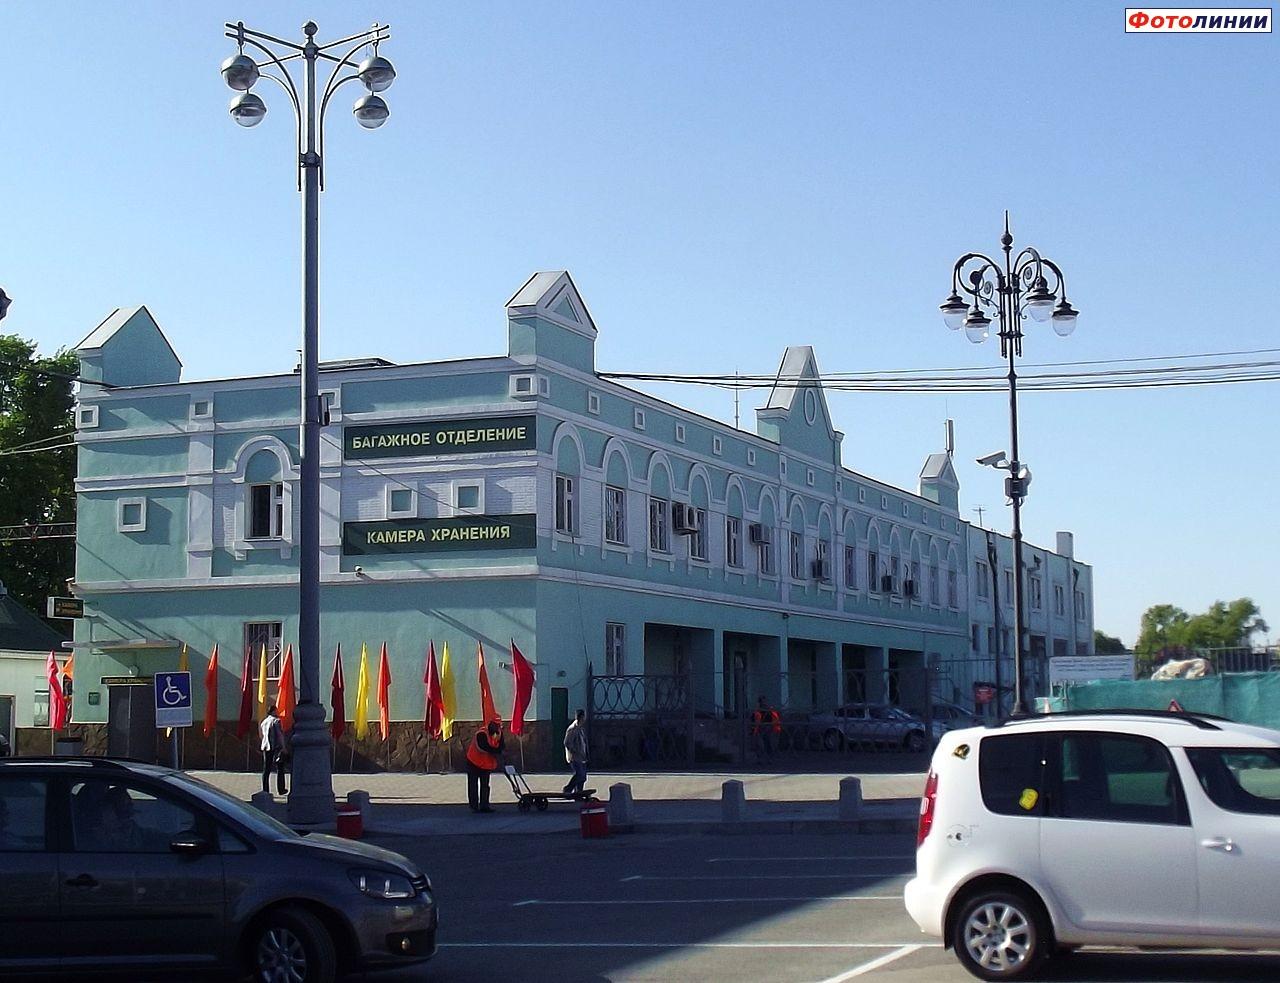 Комплекс акх на витебском вокзале г санкт-петербурга